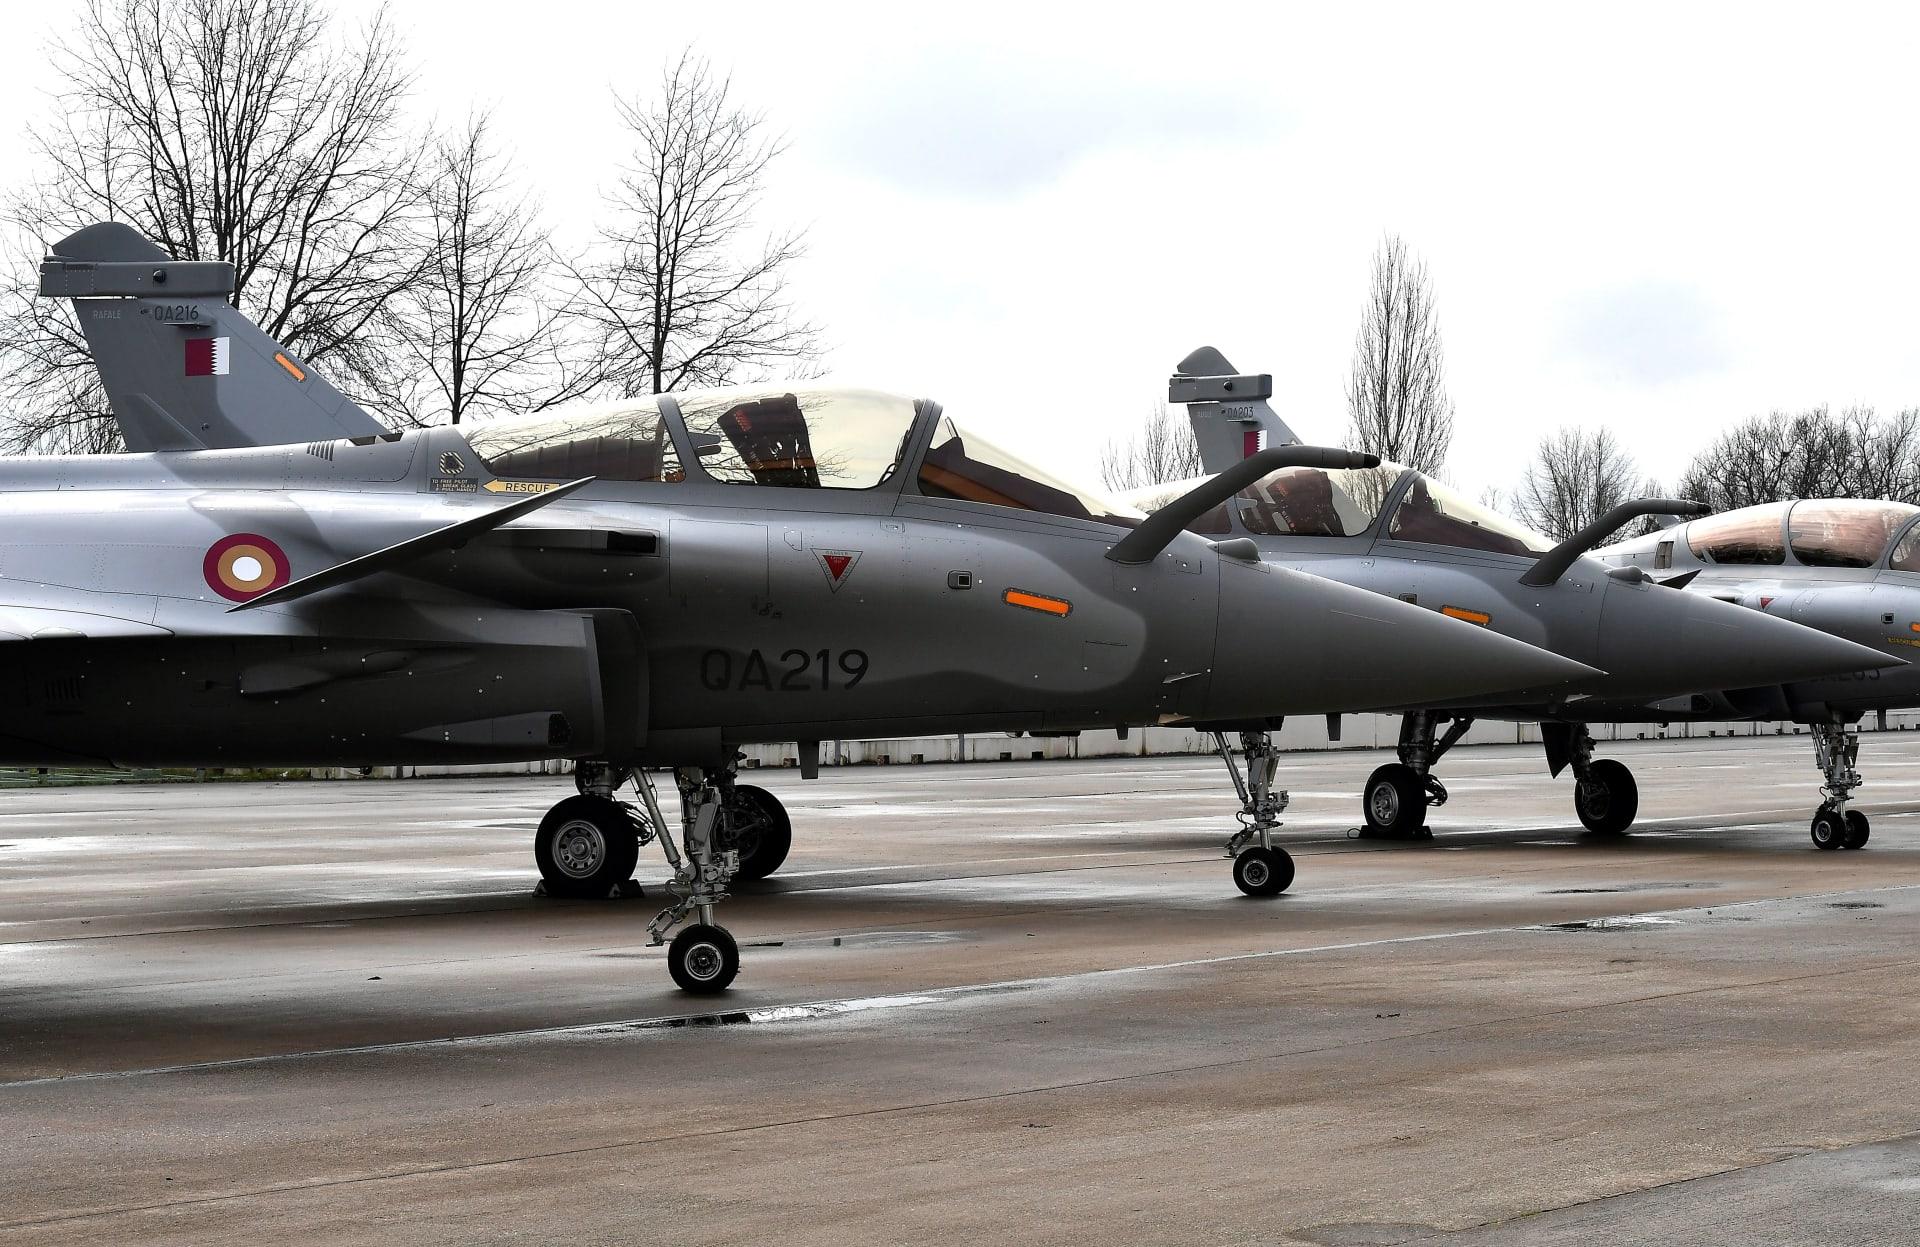 قطر تُخرج أول امرأة كطيار مقاتل.. فكيف علق شقيق الأمير على هذه الخطوة؟